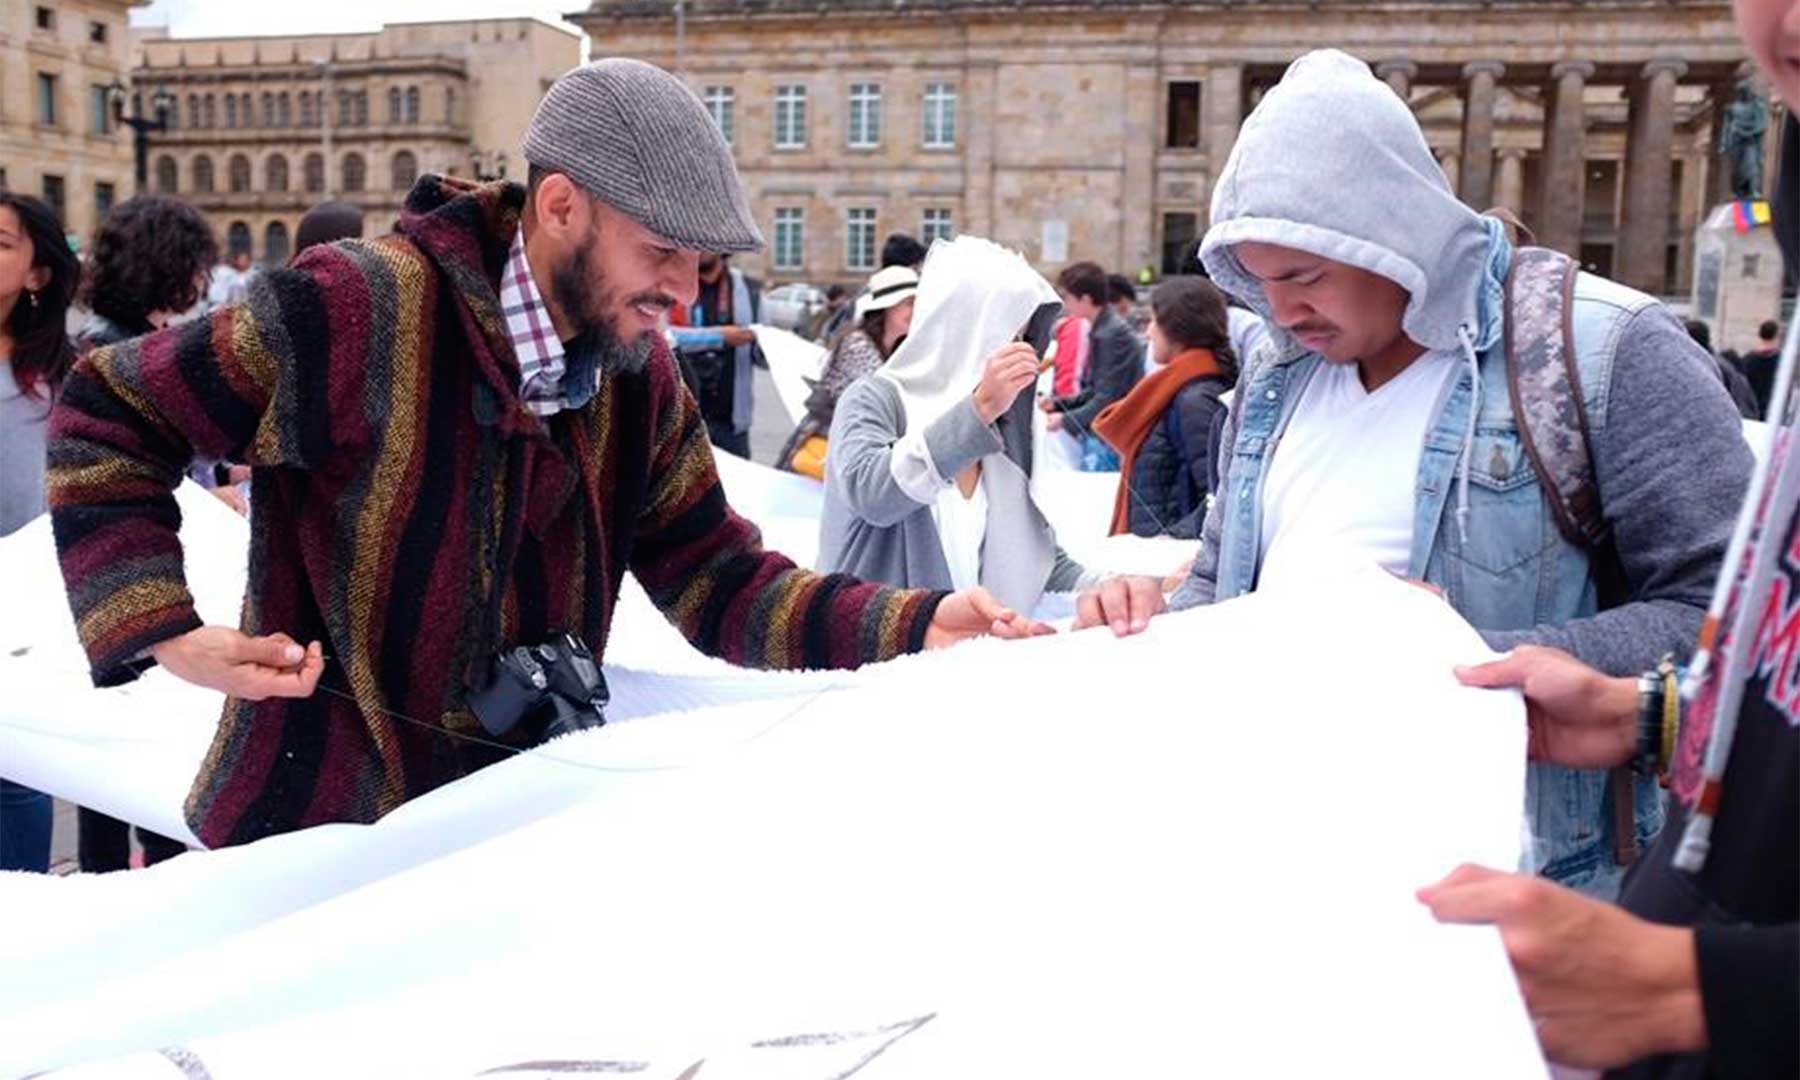 'Sumando ausencias', una acción colectiva contra el olvido y por la paz